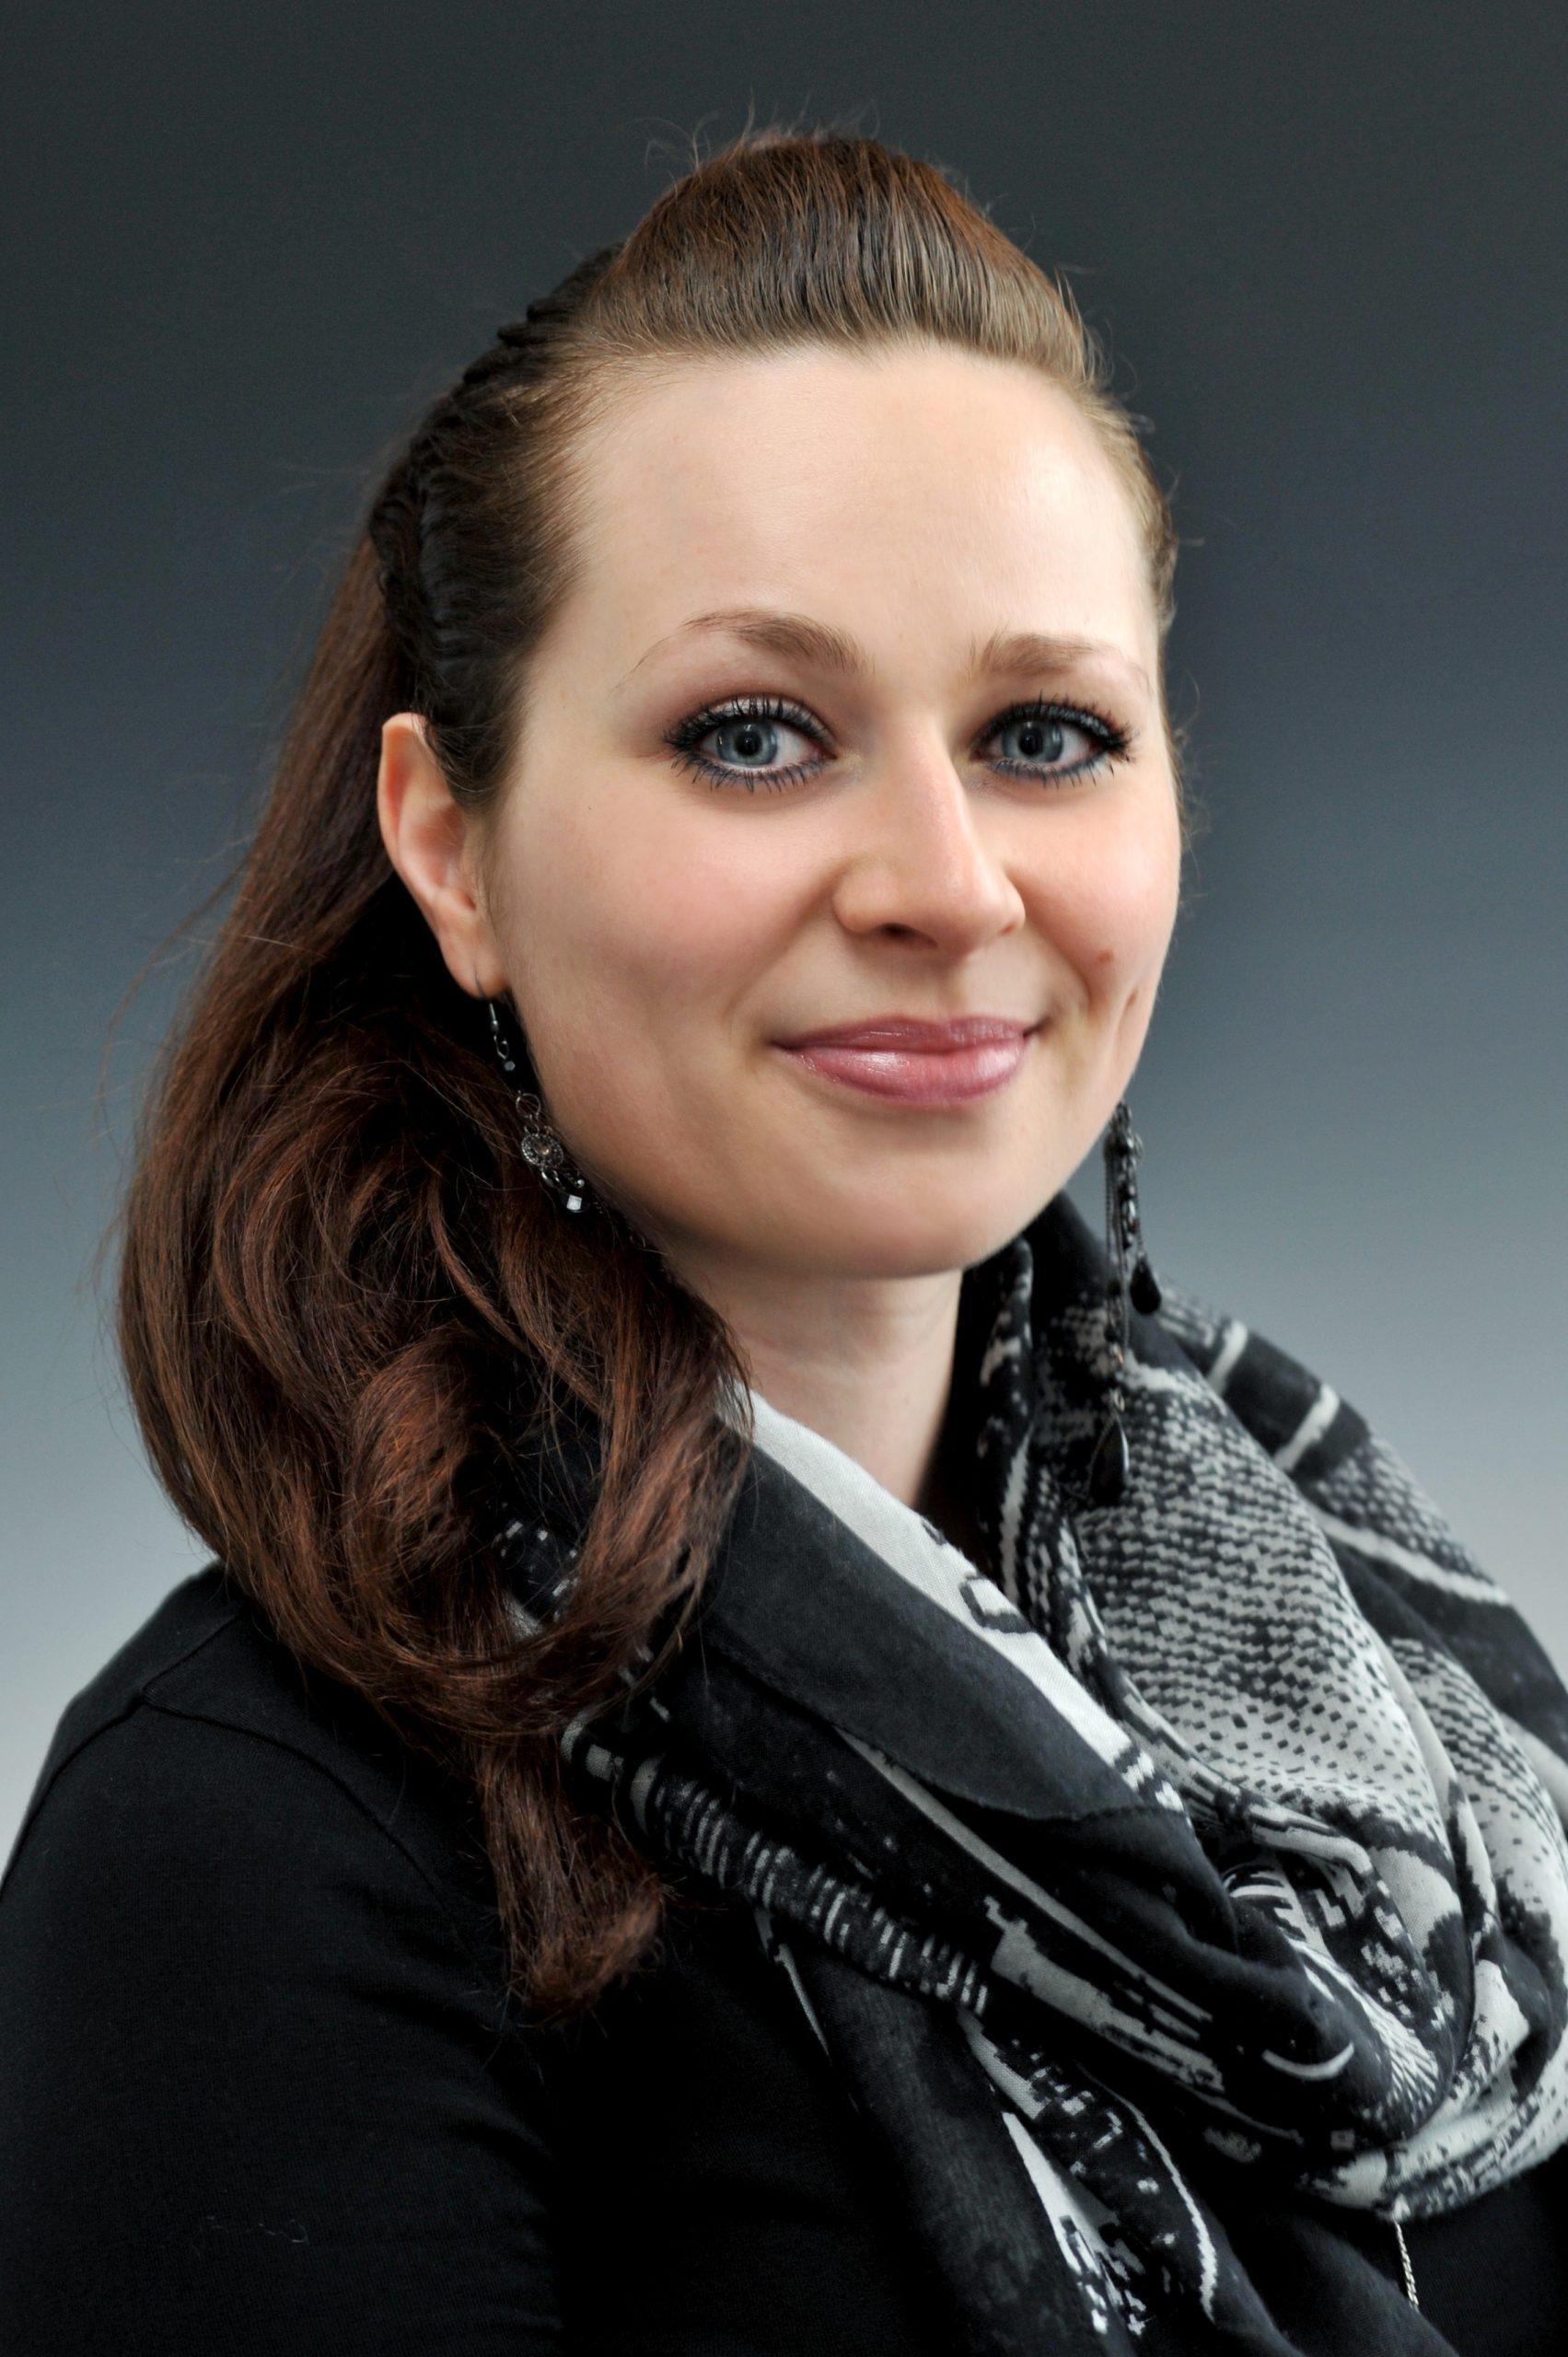 Justyna Gruchmann